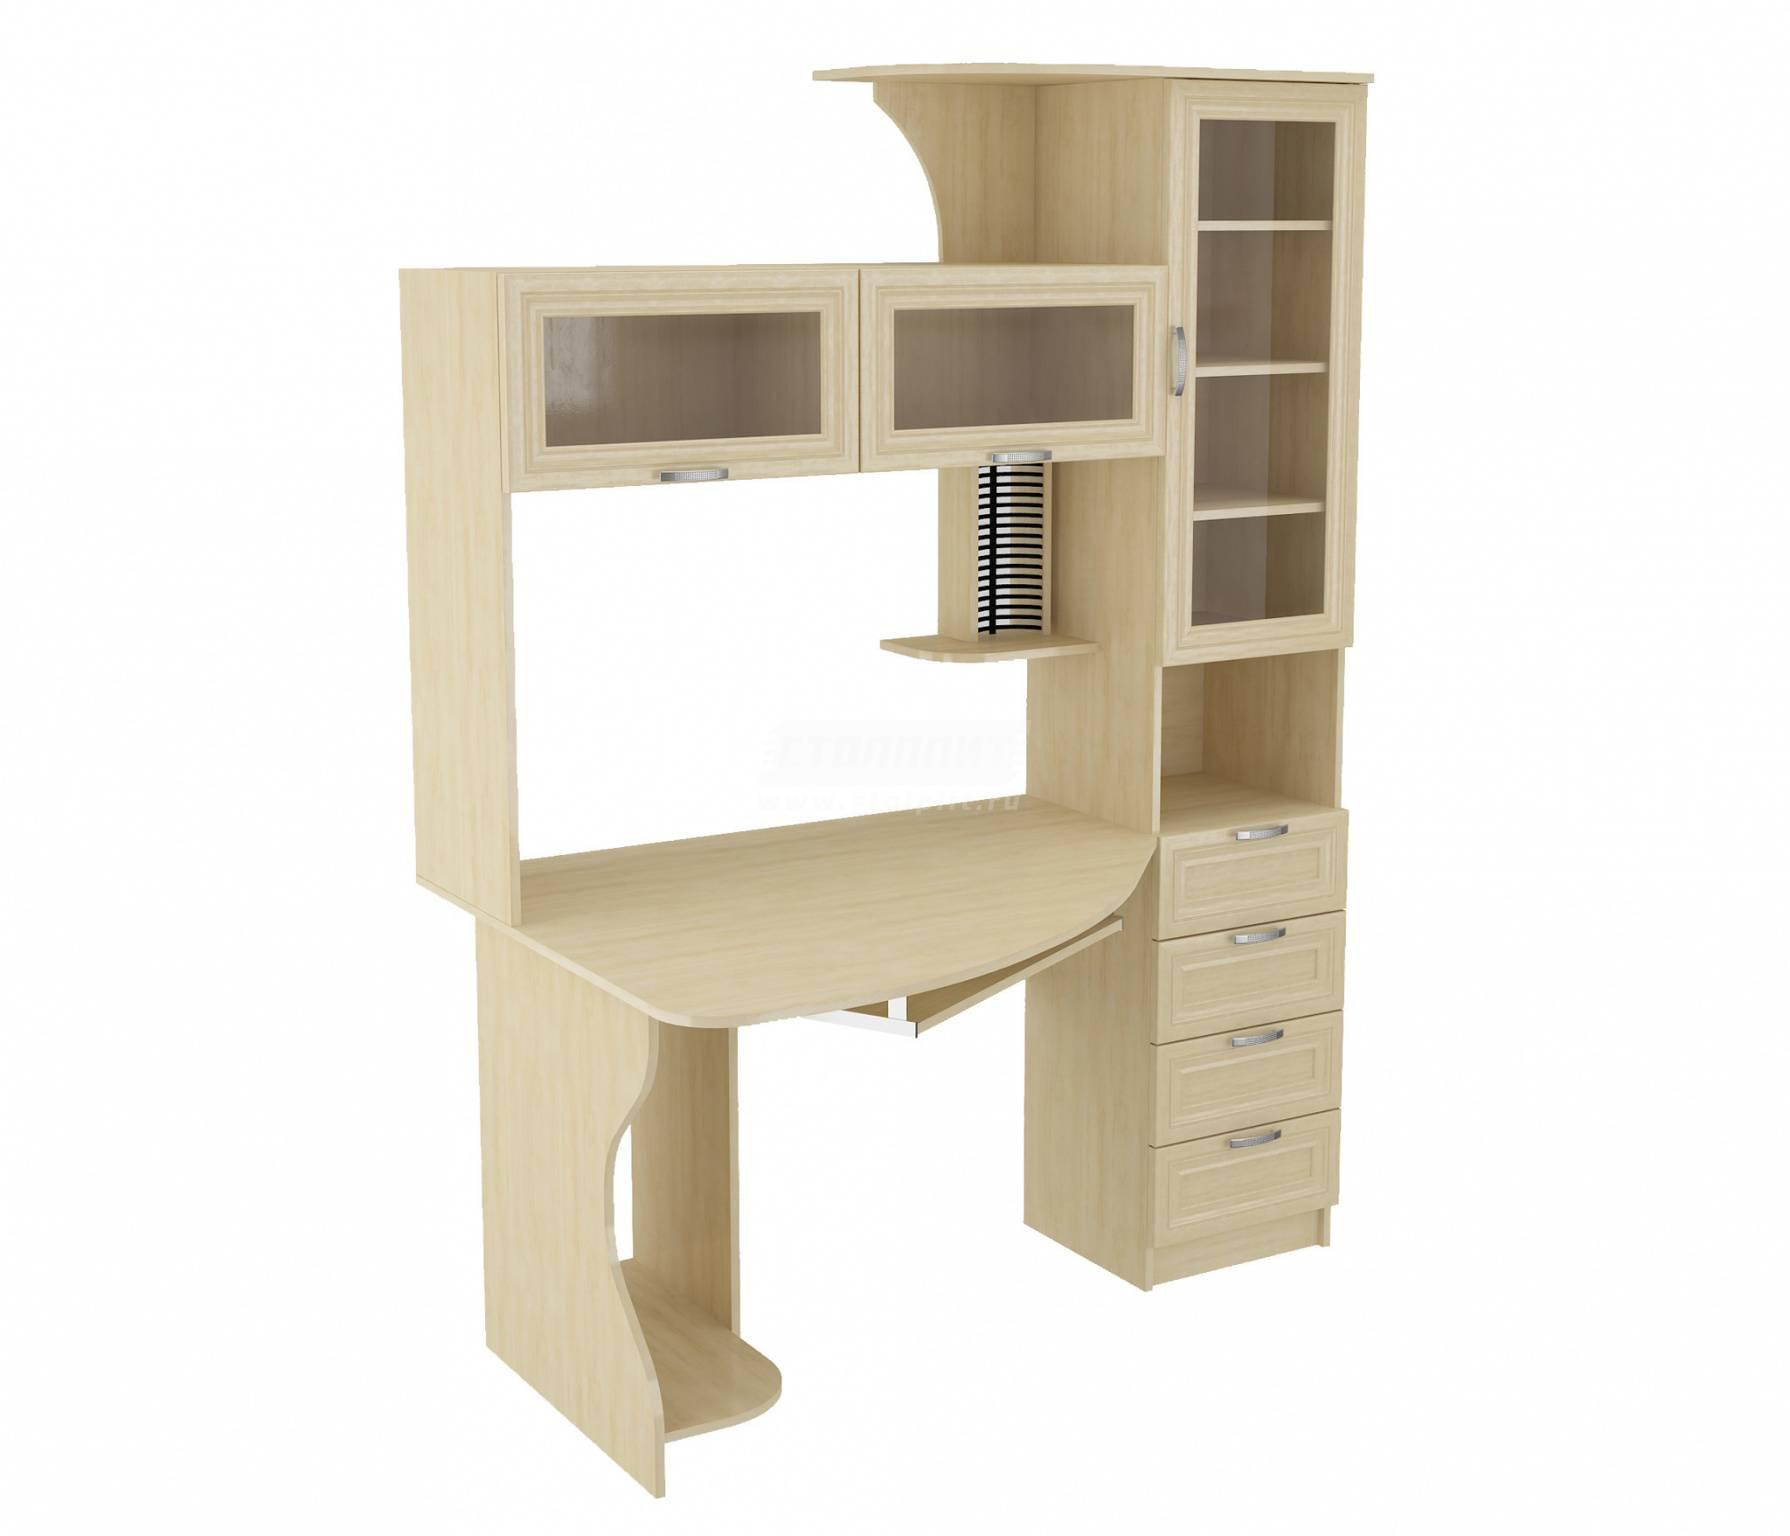 Уголок школьника со шкафом для одежды (32 фото): детская мебель-трансформер с откидным письменным столом и книжной полкой для учебников и книг